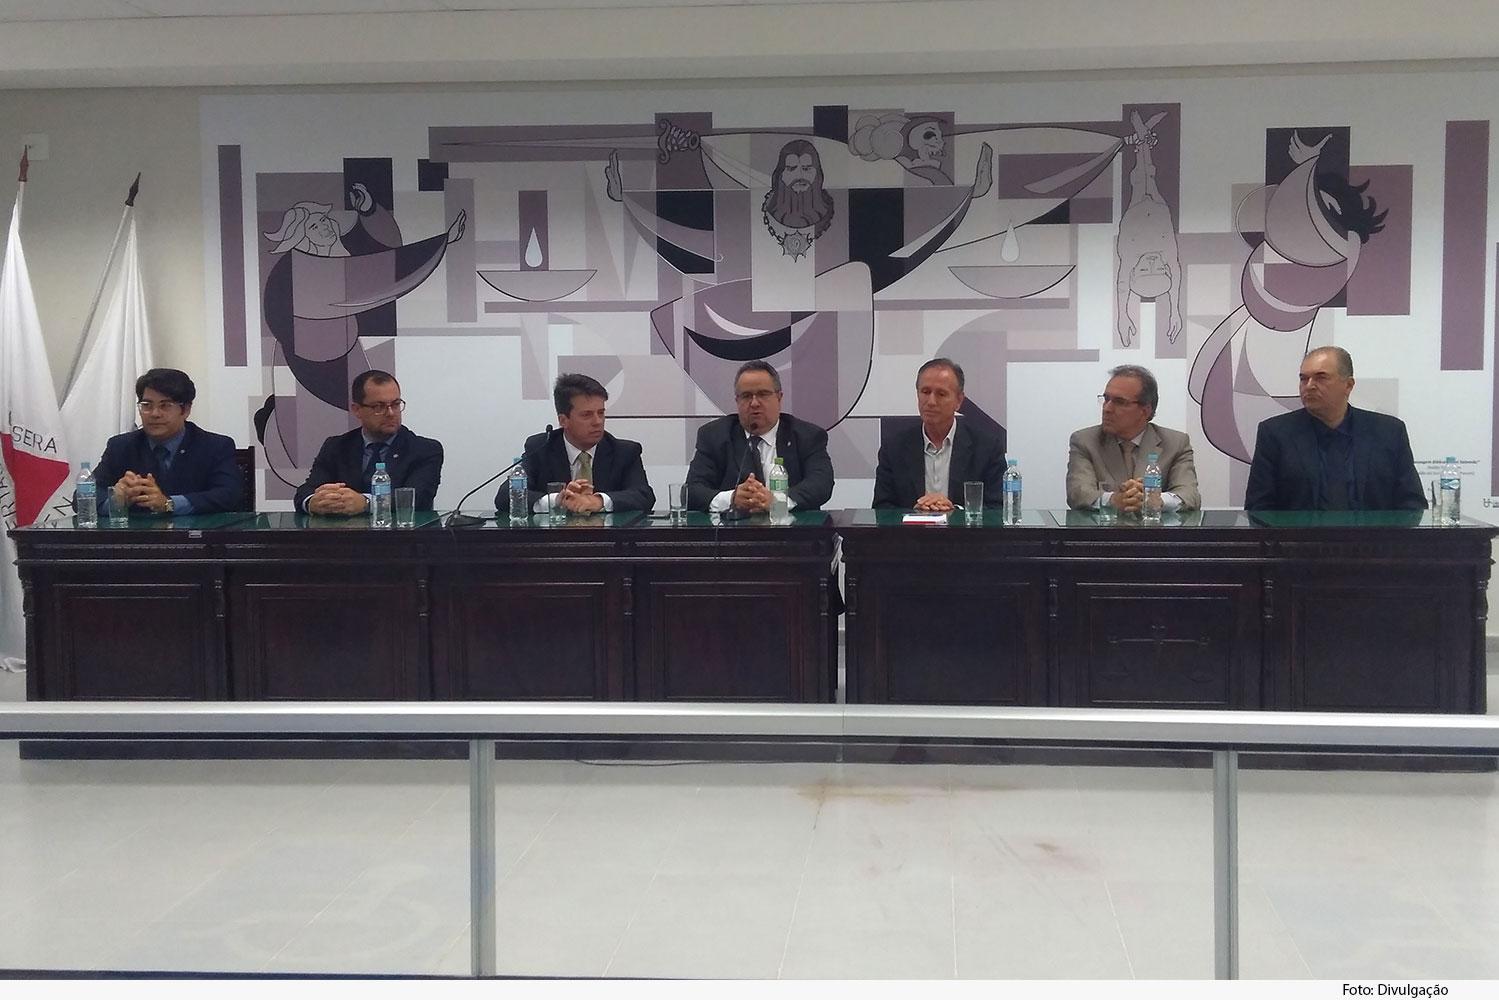 noticia2-instalacao-memoria-do-Judiciario-Mineiro-10.06.19.jpg